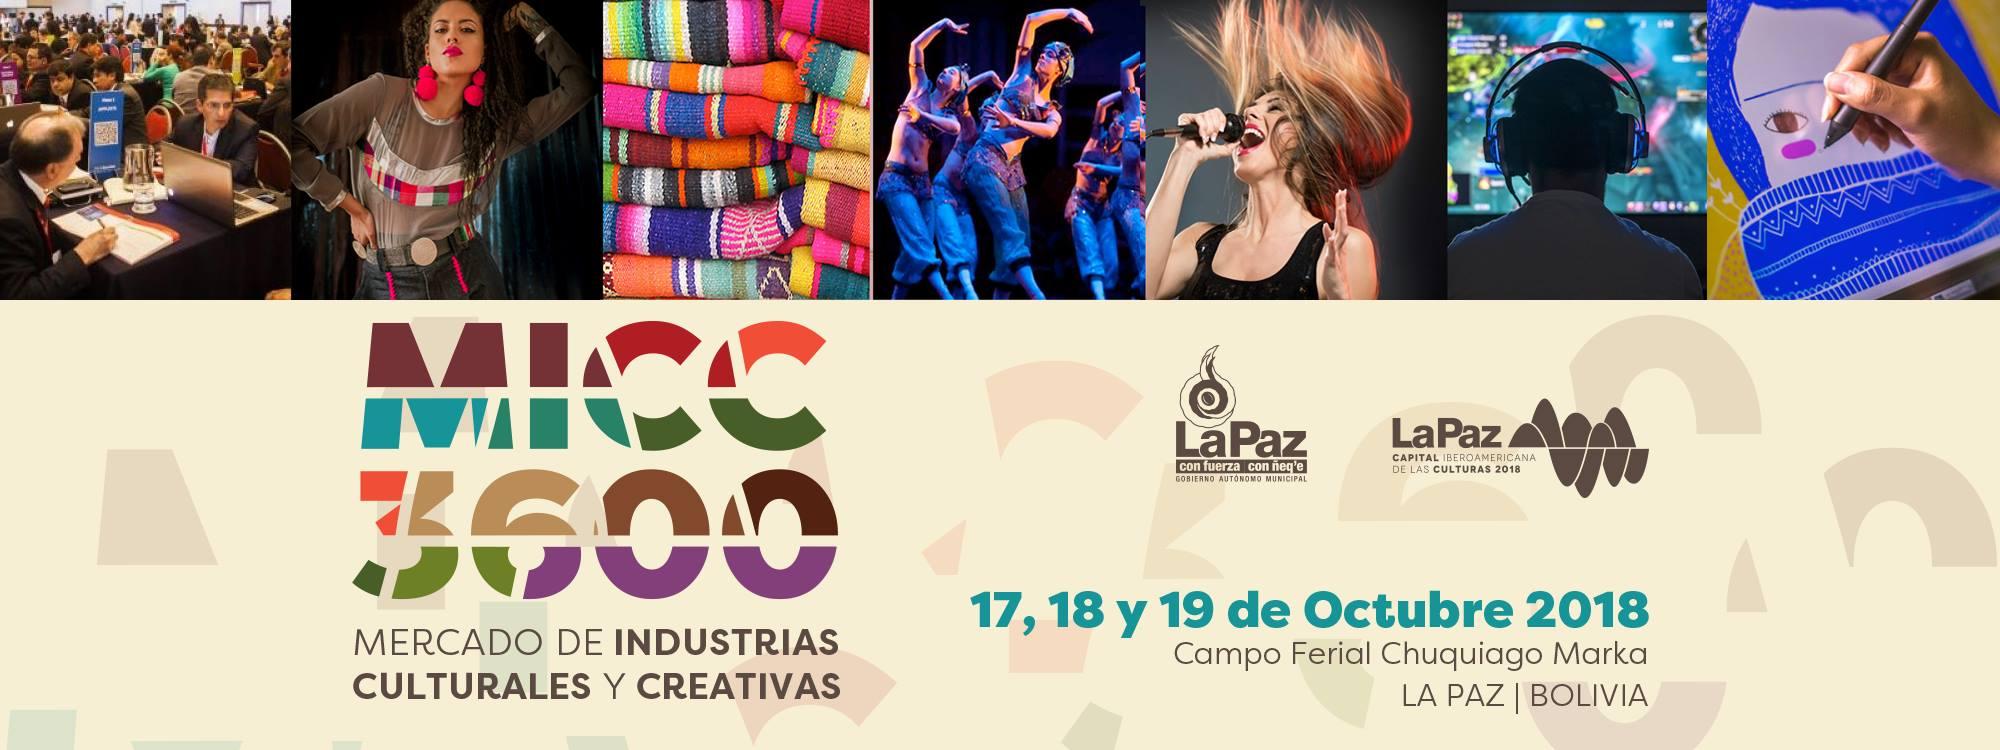 Programadores de Cartoon Network, Inca Games y Posibillian Tech serán parte del primer Mercado de Industrias Culturales de La Paz